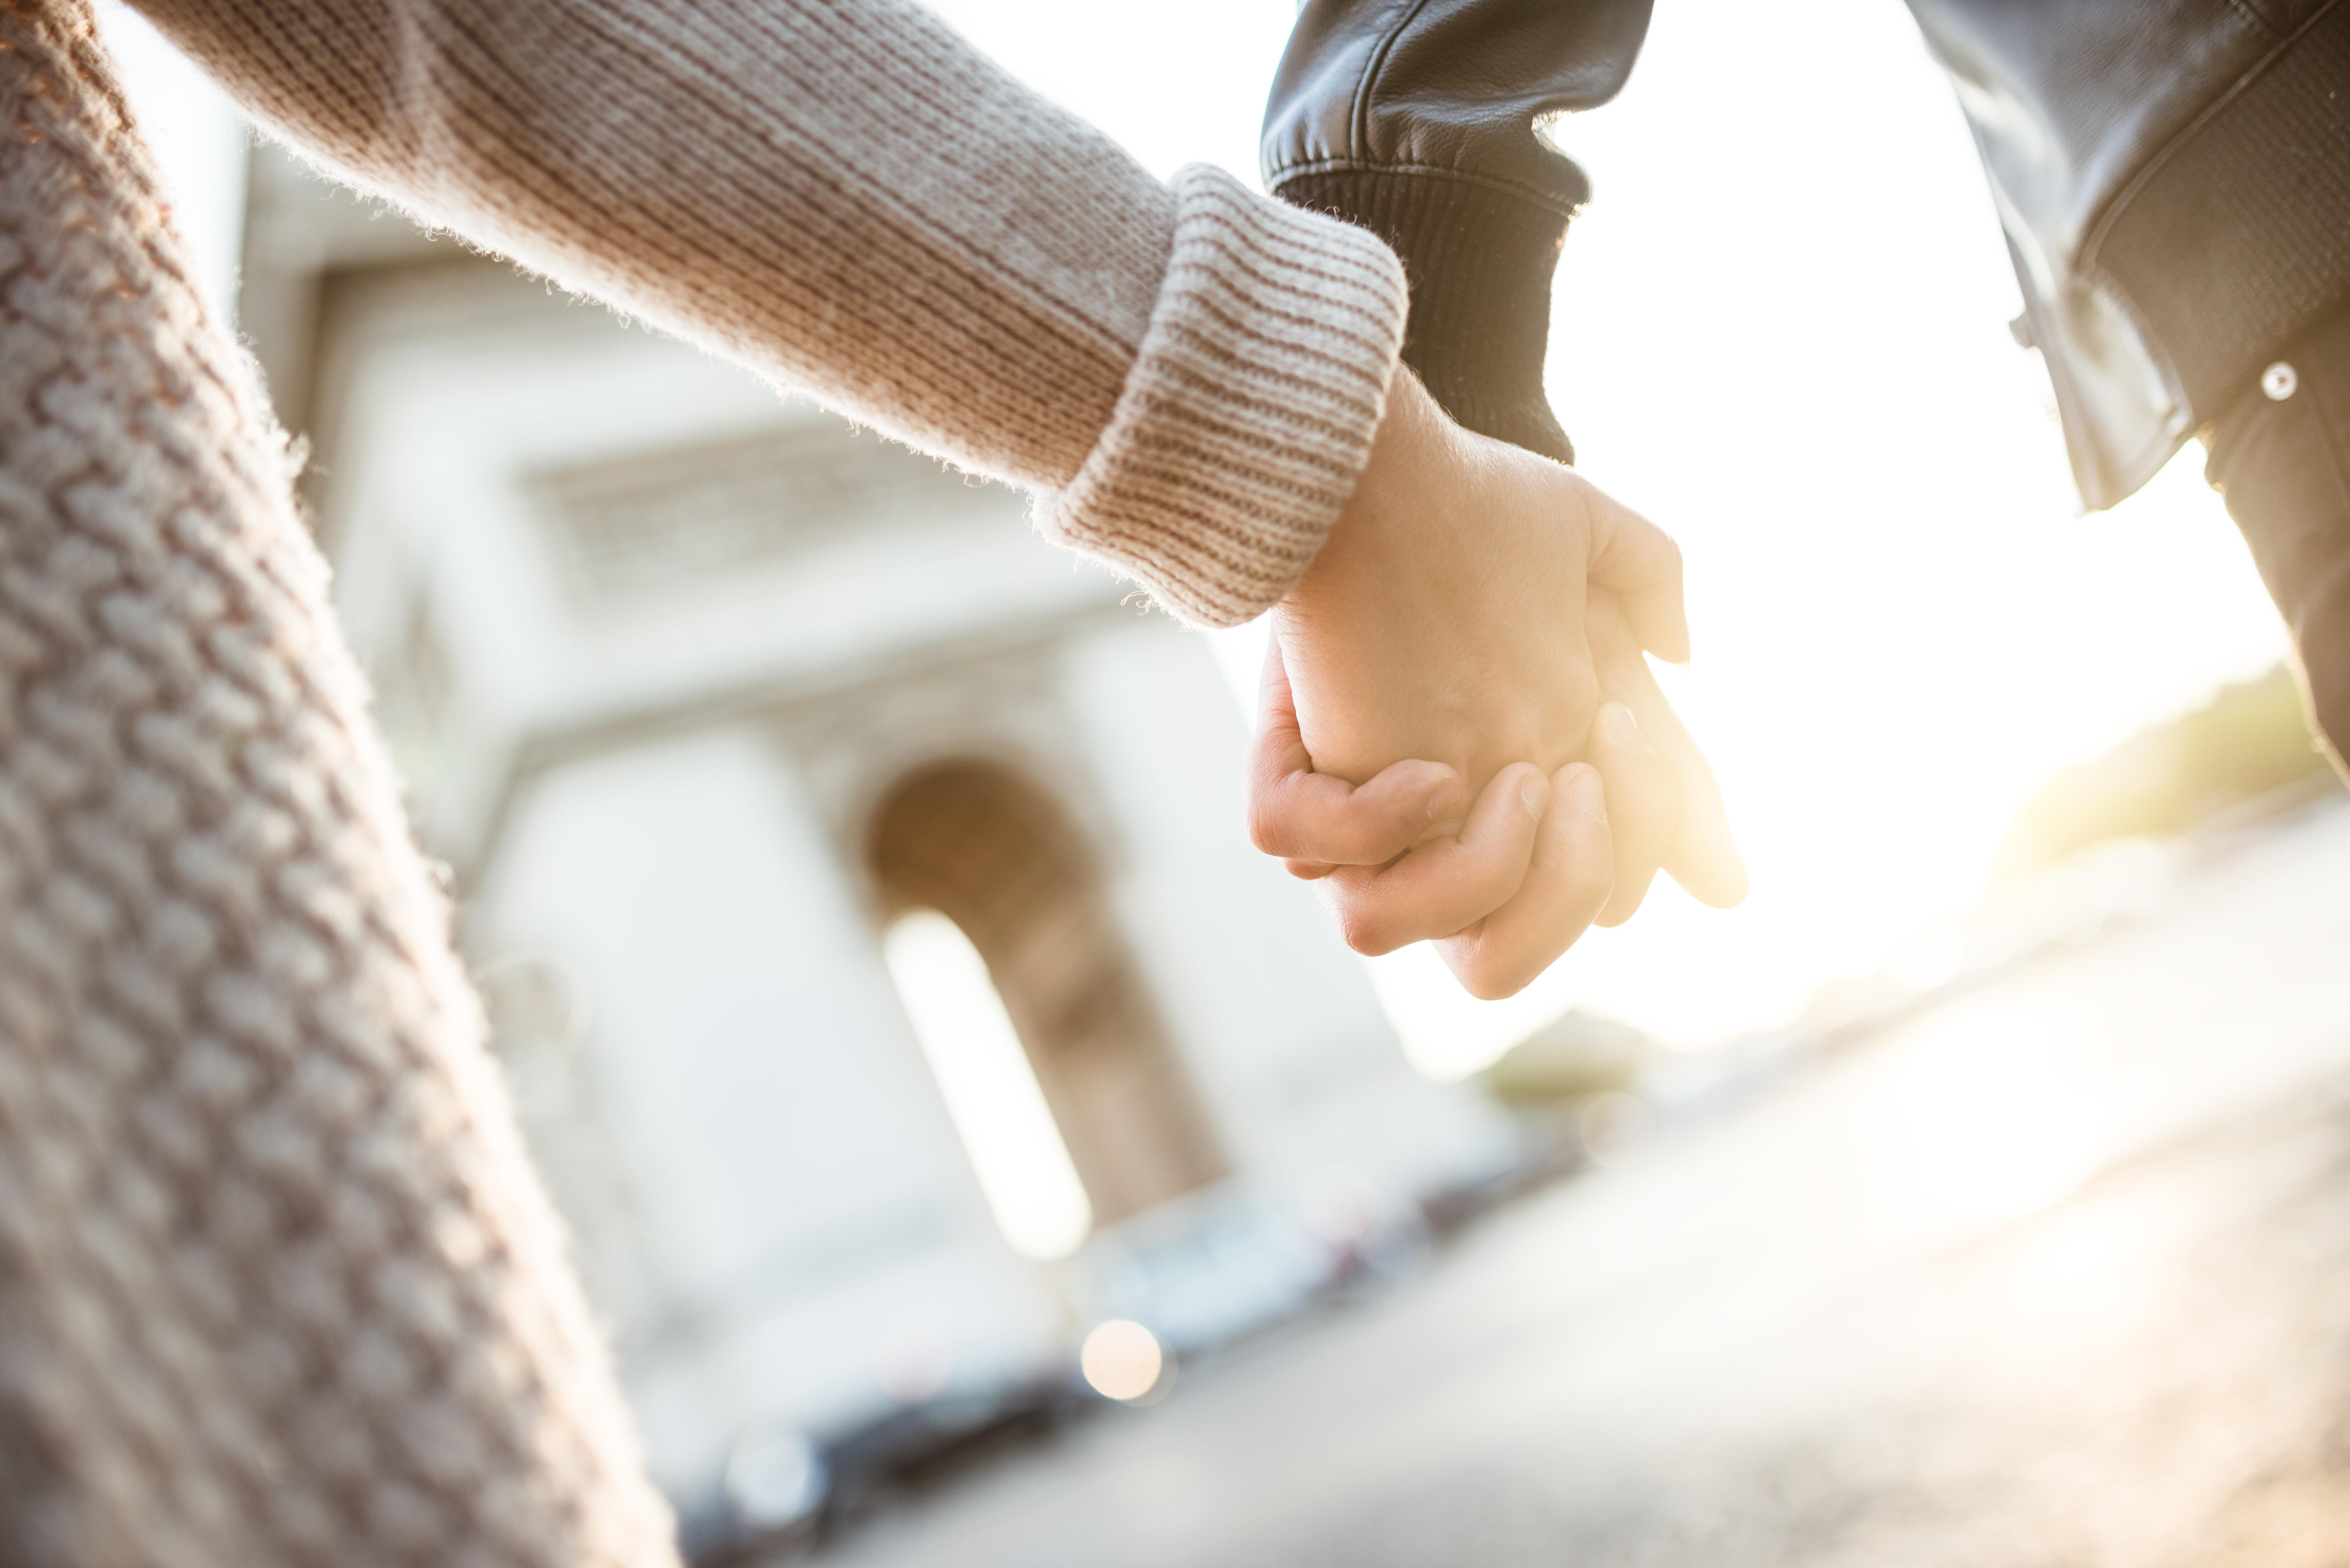 Vater (42) schwängert Tochter (20) und verlässt seine Frau